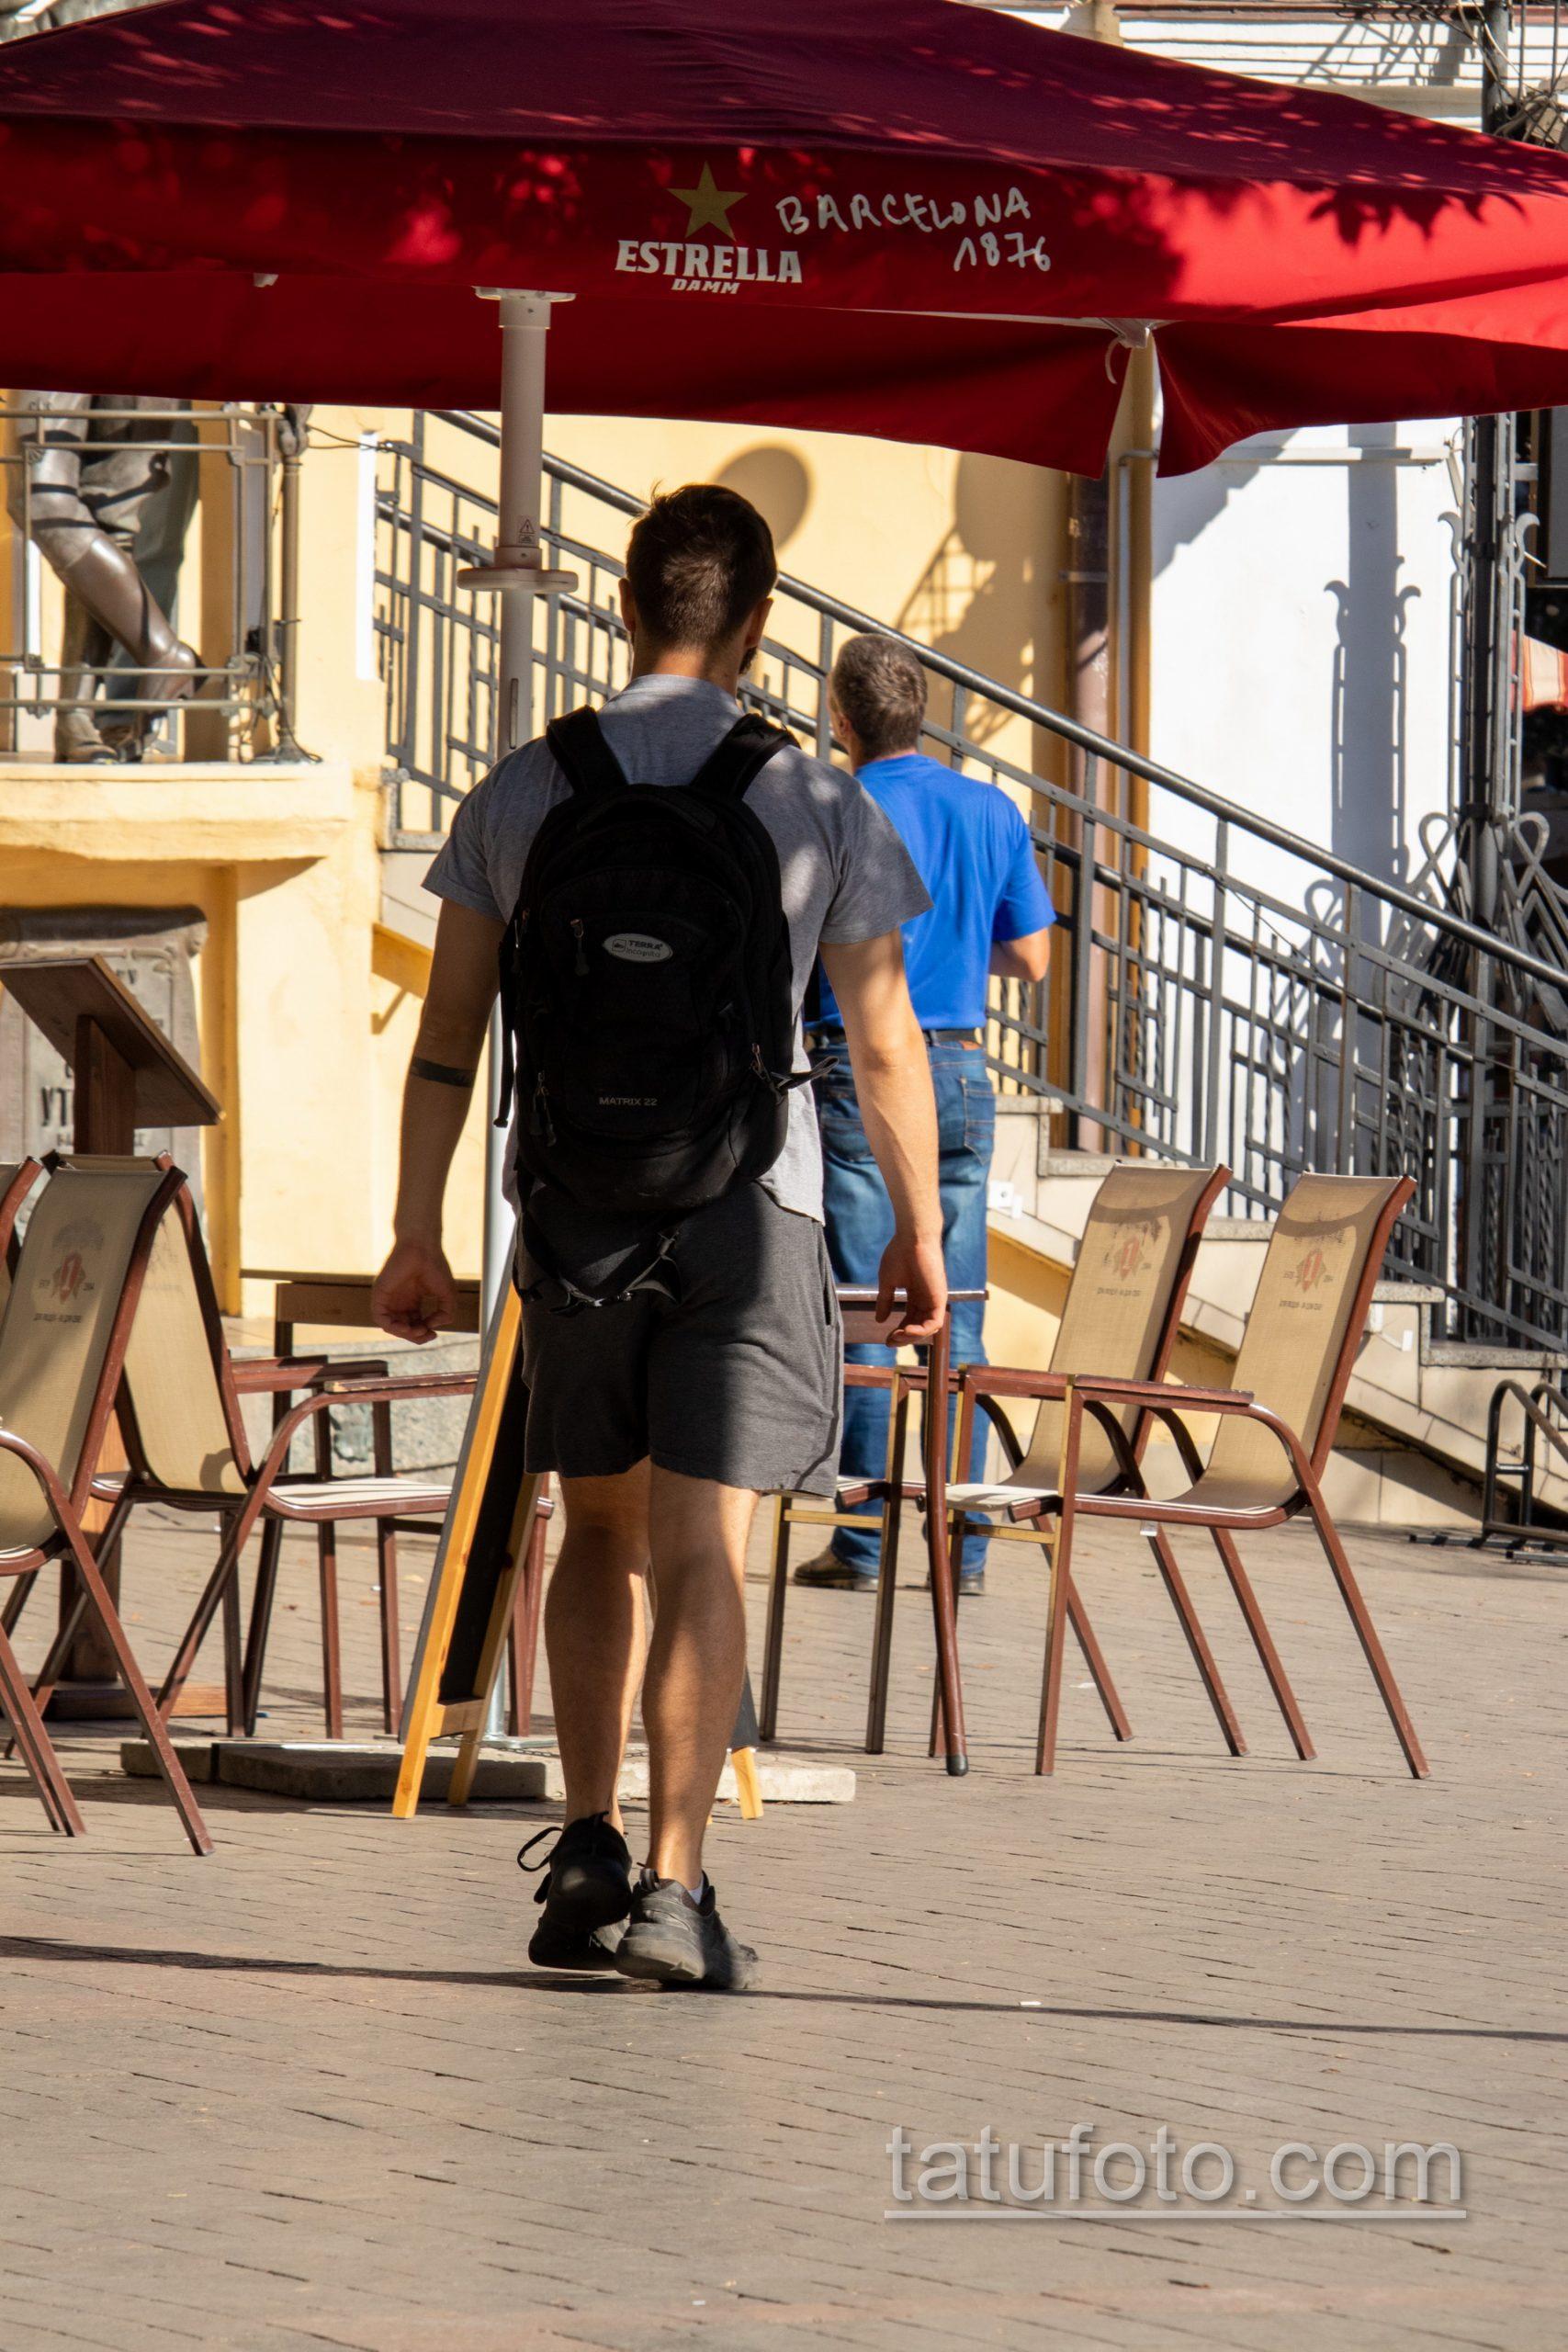 Тату черная полоска браслетом на левой руке парня - Уличная татуировка 14.09.2020 – tatufoto.com 1